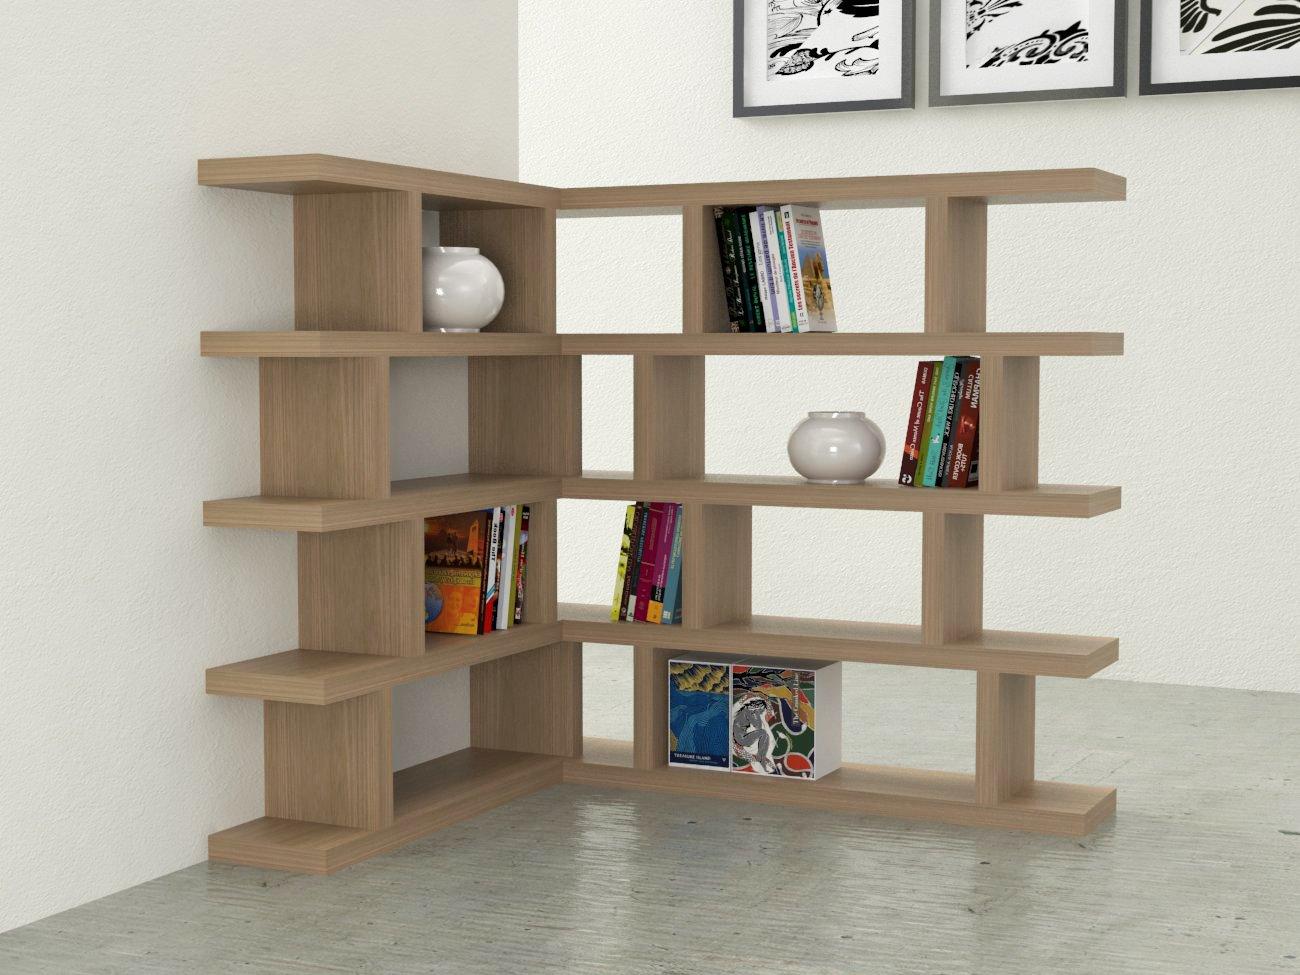 Ikea catalogo scaffali in legno